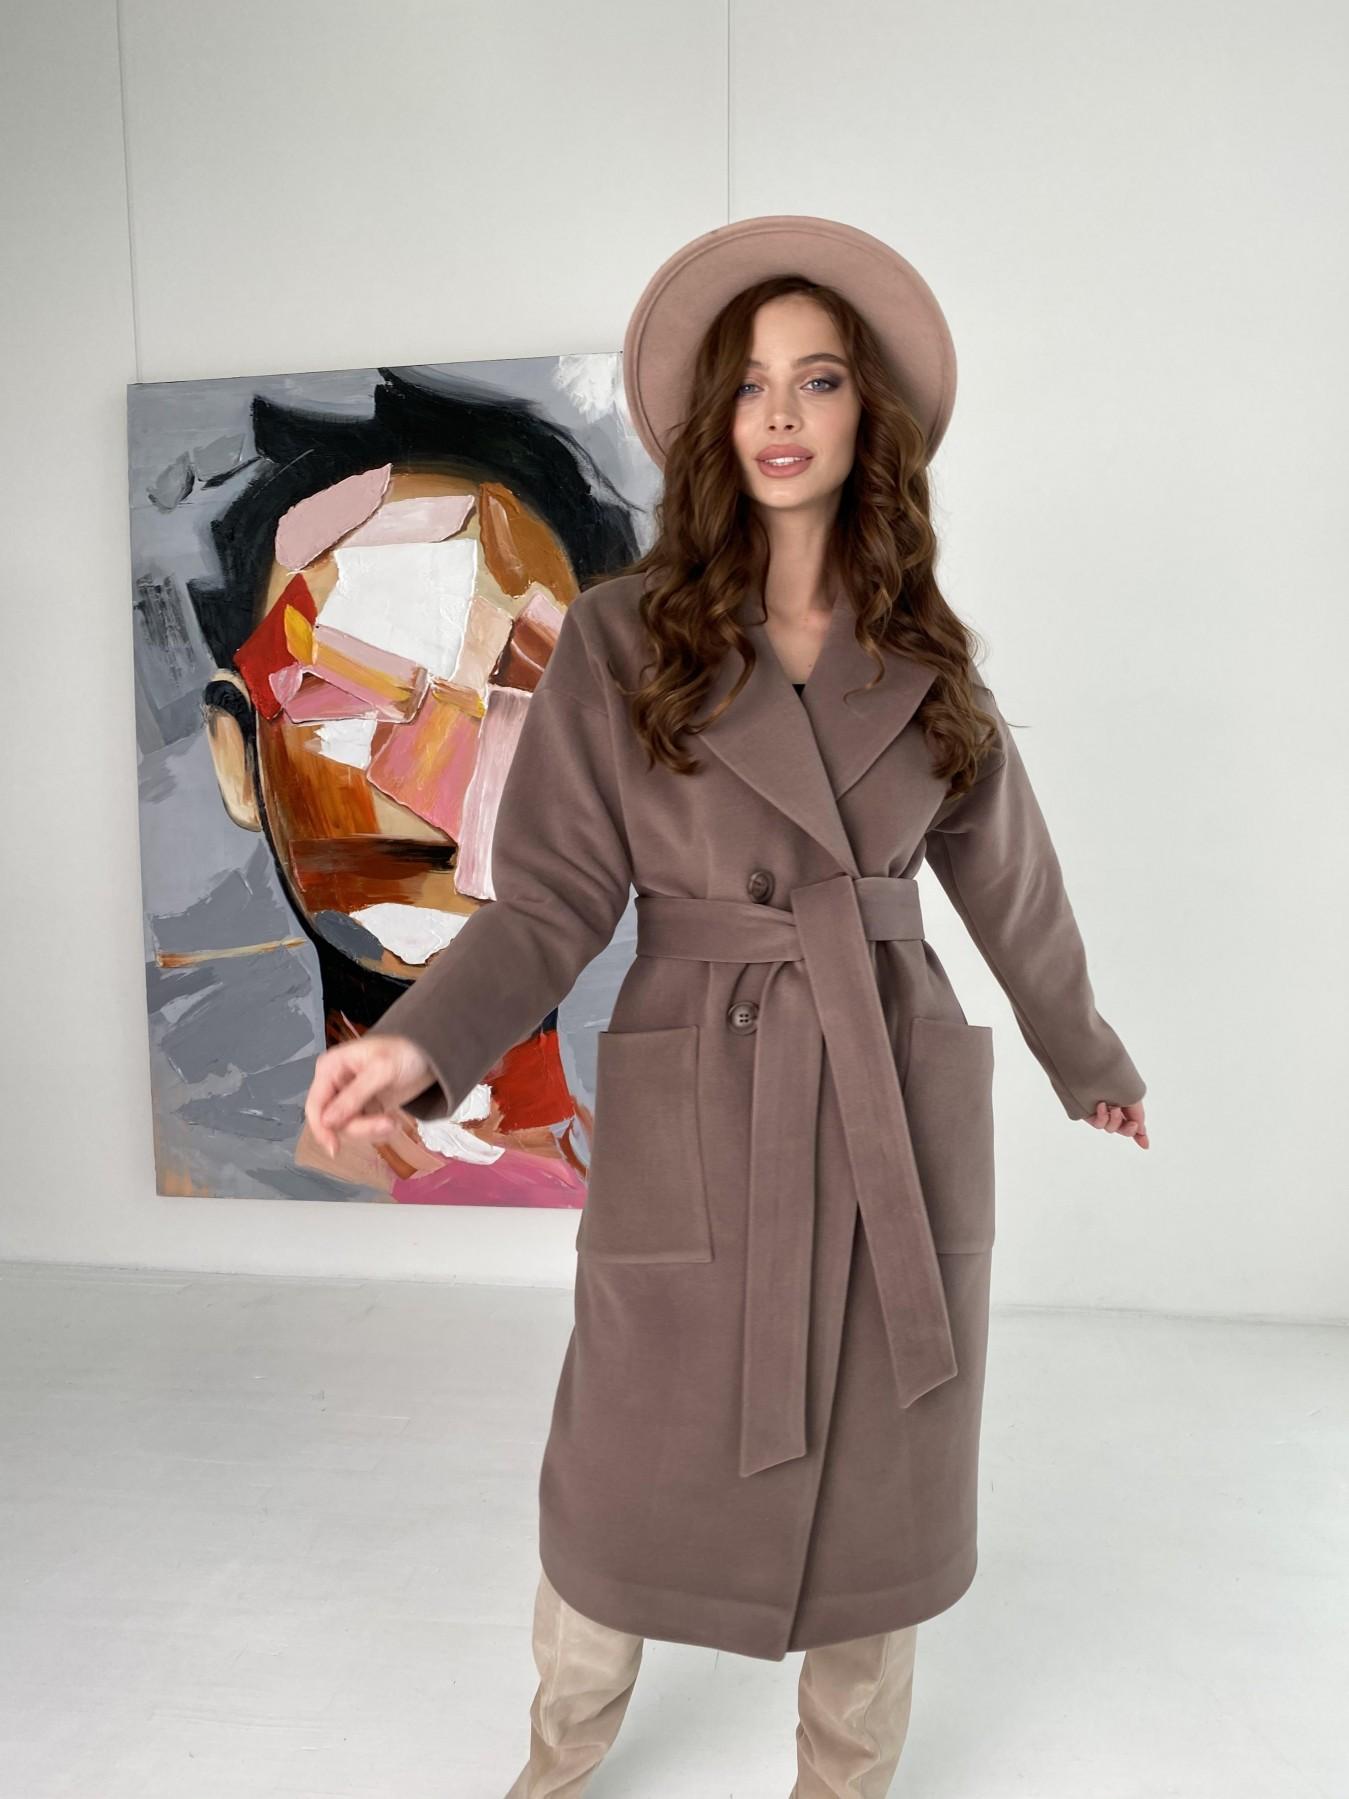 Свайп макси пальто из кашемира на трикотаже 10619 АРТ. 46998 Цвет: Кофе - фото 9, интернет магазин tm-modus.ru